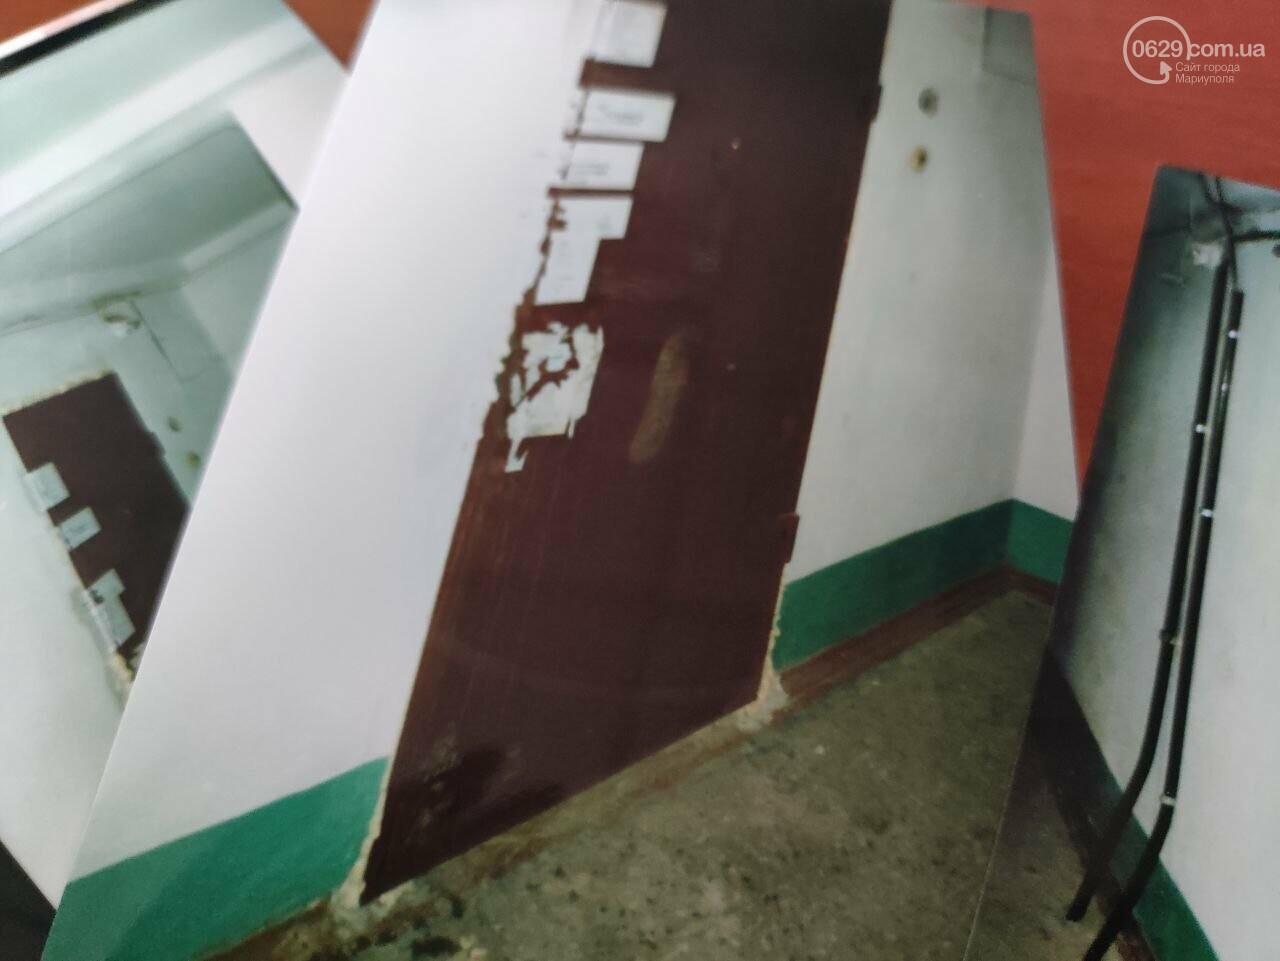 15 лет в розыске. Как в Мариуполе отобрали квартиру исчезнувшей девушки, - ДОКУМЕНТЫ, фото-3